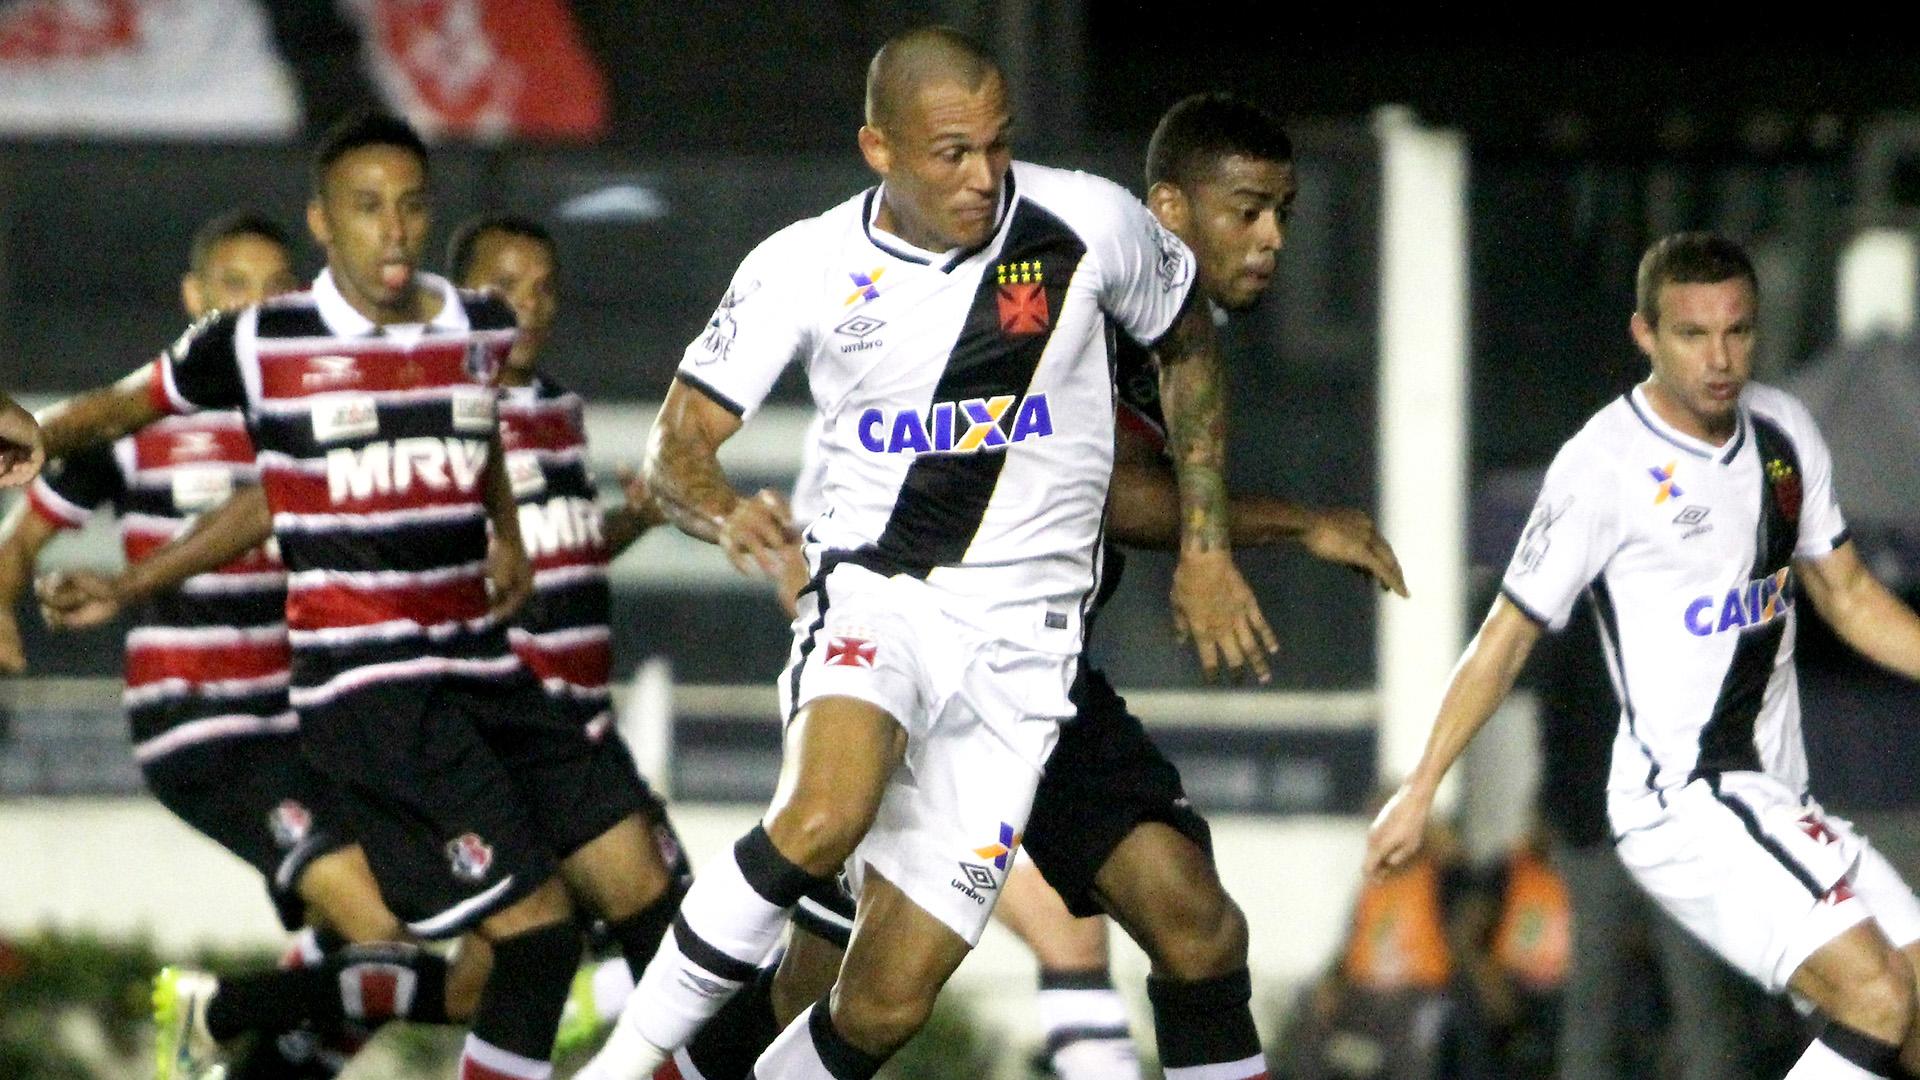 Com espírito de decisão, Vasco enfrenta o Santa Cruz em casa